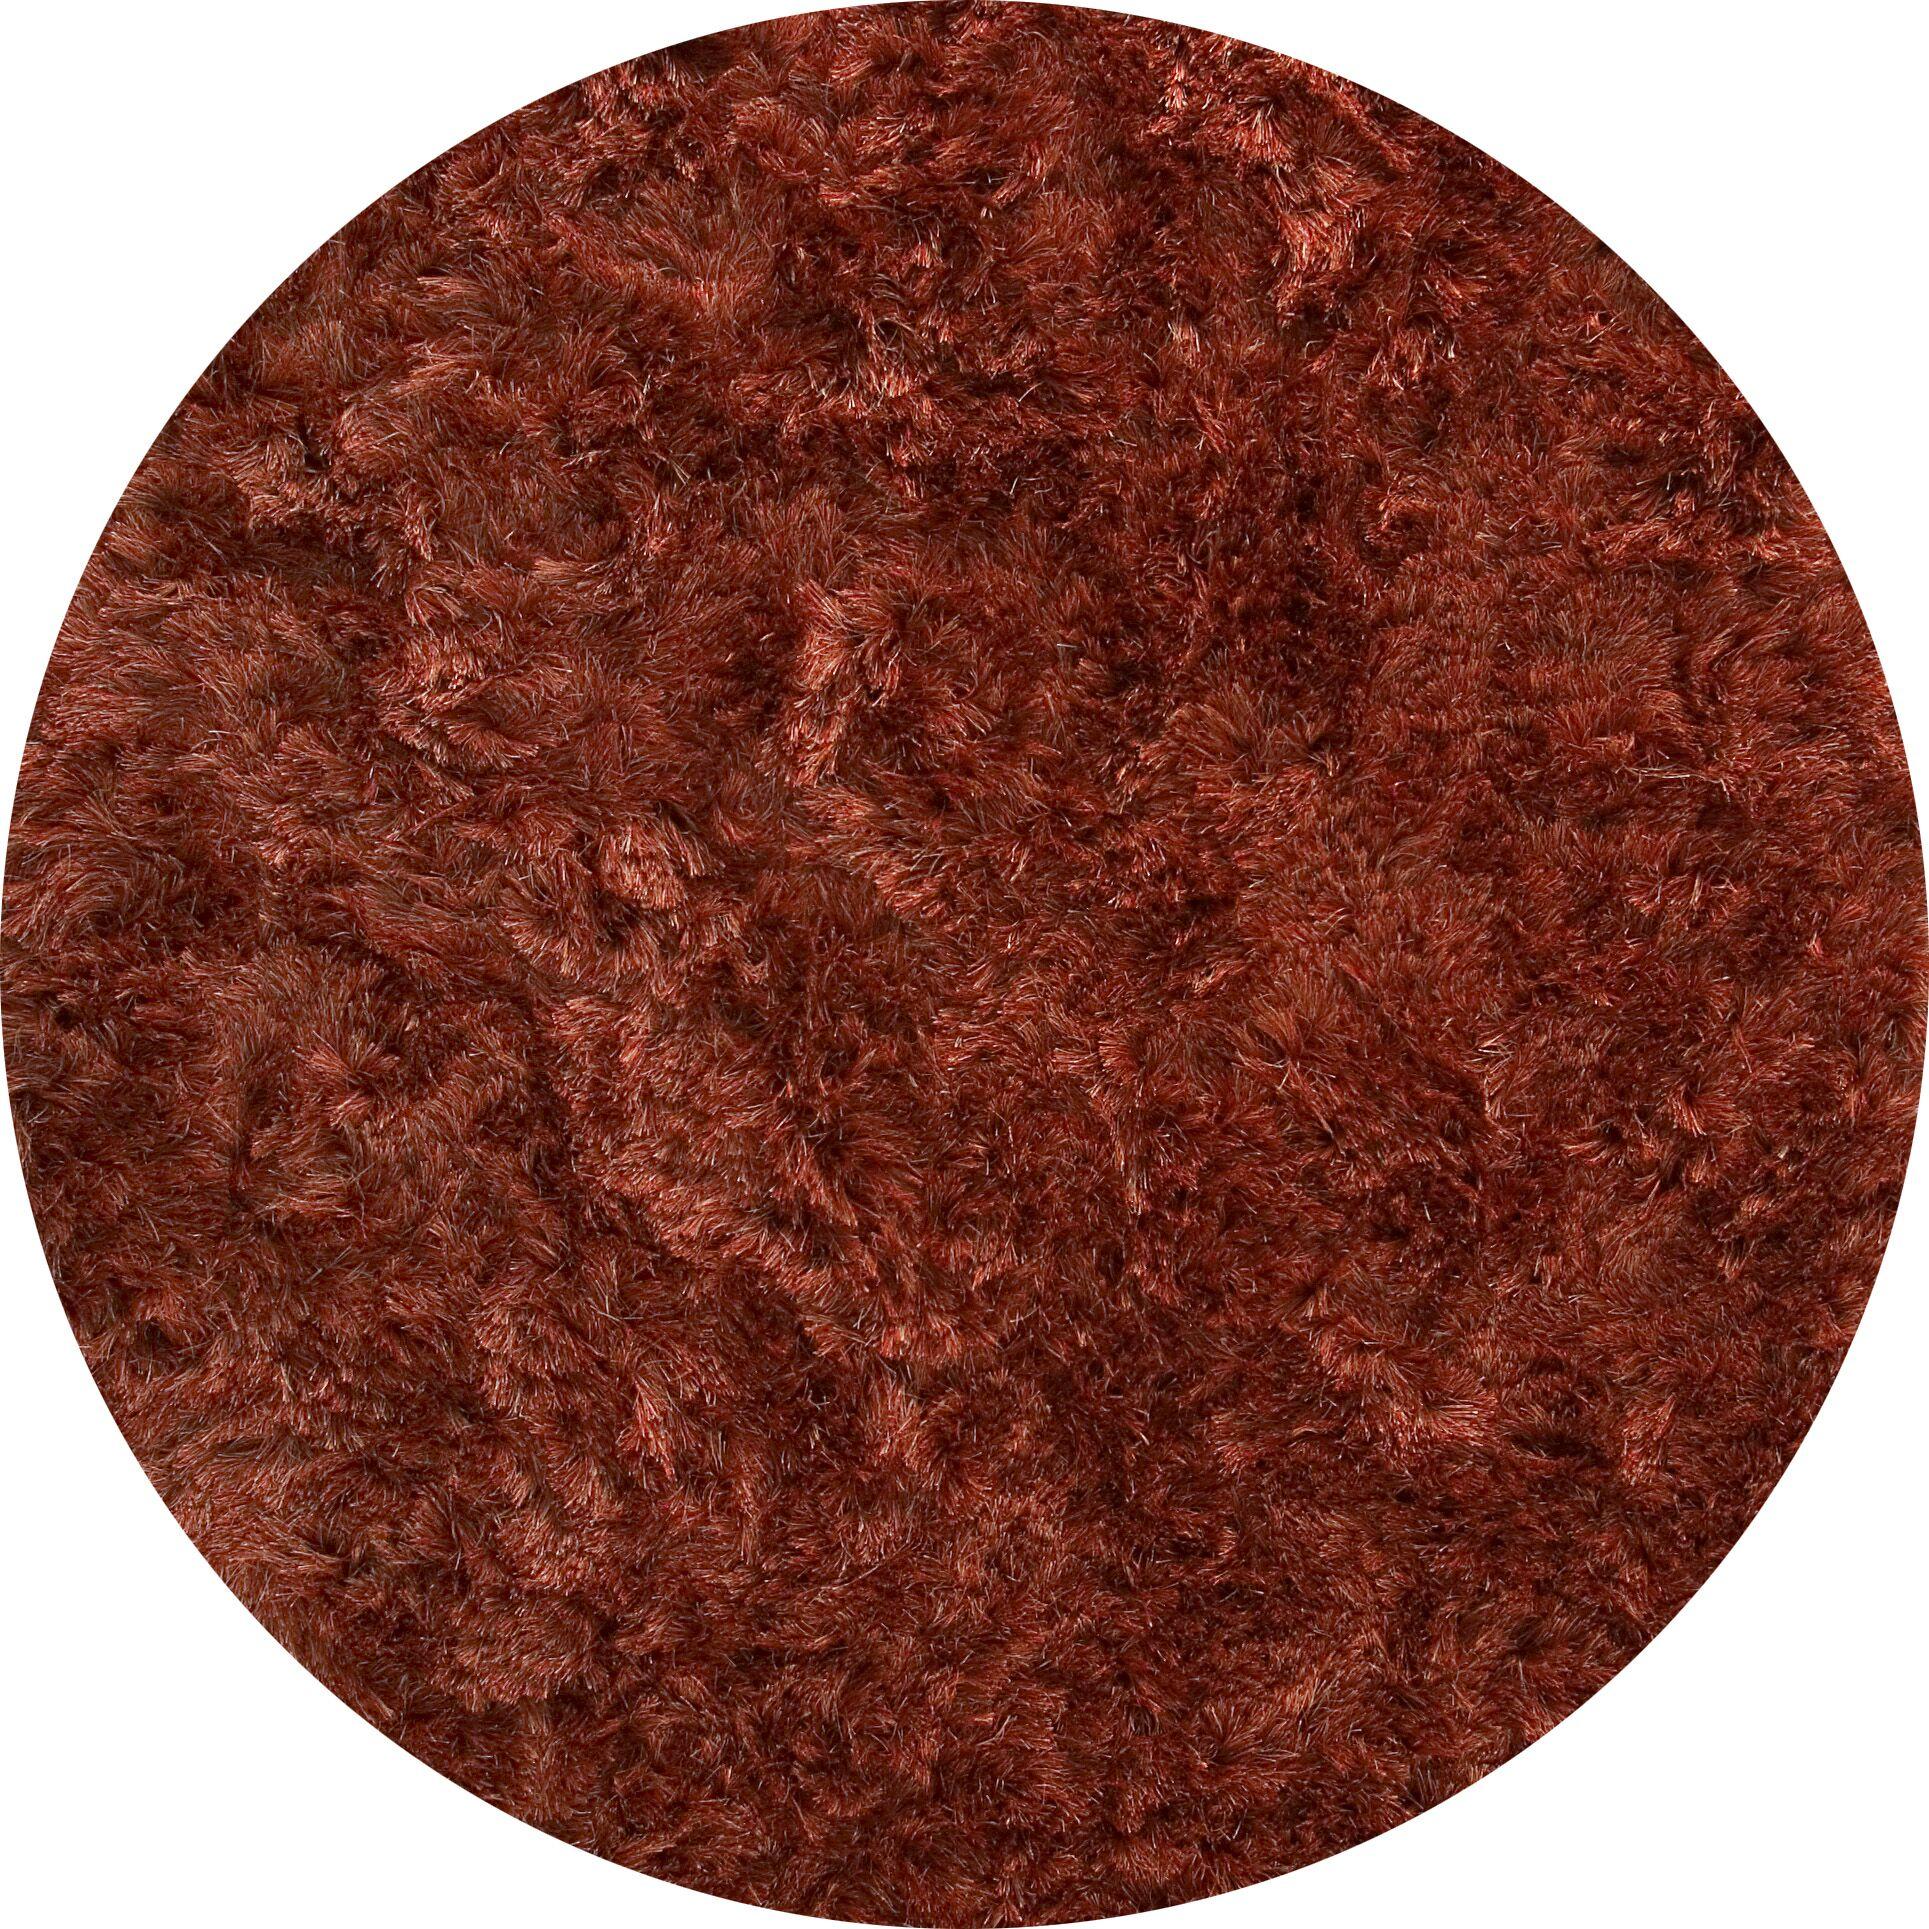 Hoisington Hand-Woven Spice Area Rug Rug Size: Round 6'6